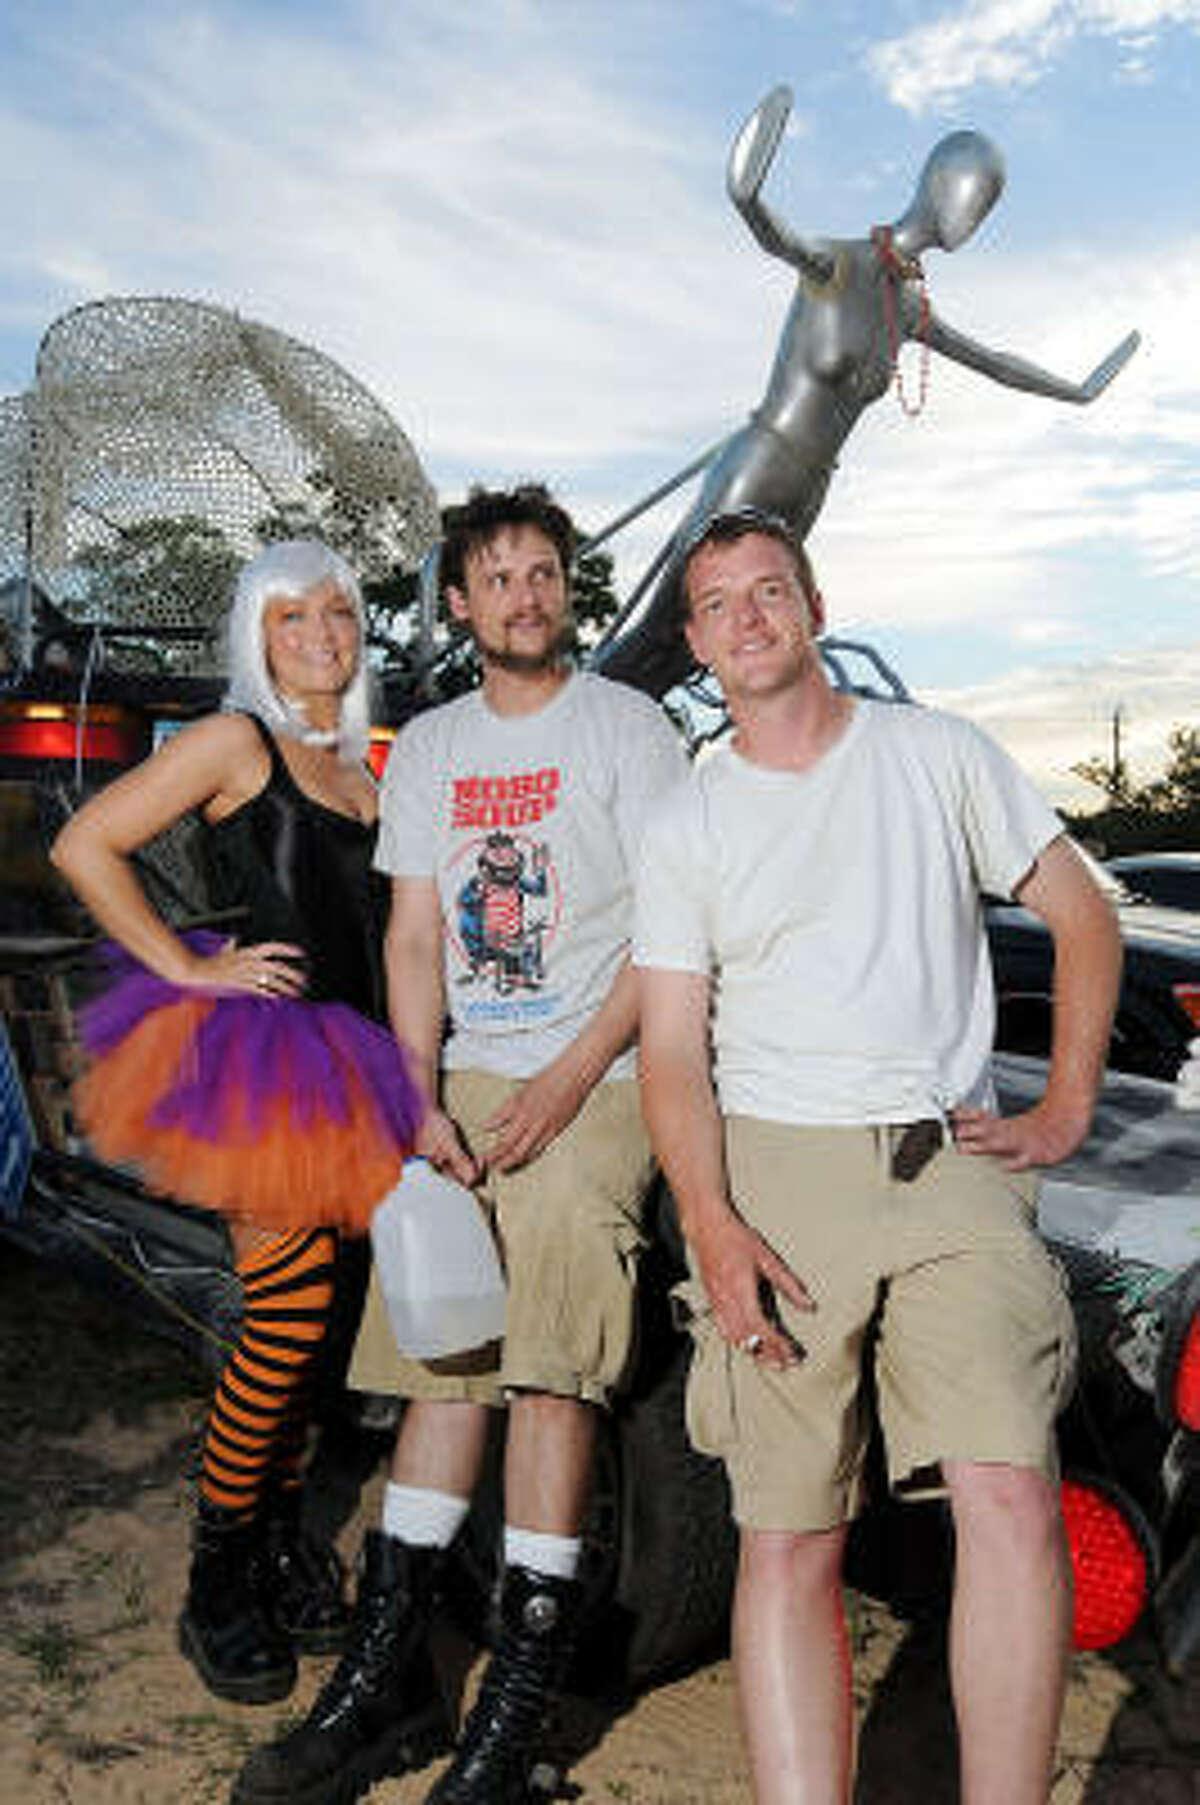 Meg Kosowski, Adam Lutterman and Andy Rennert